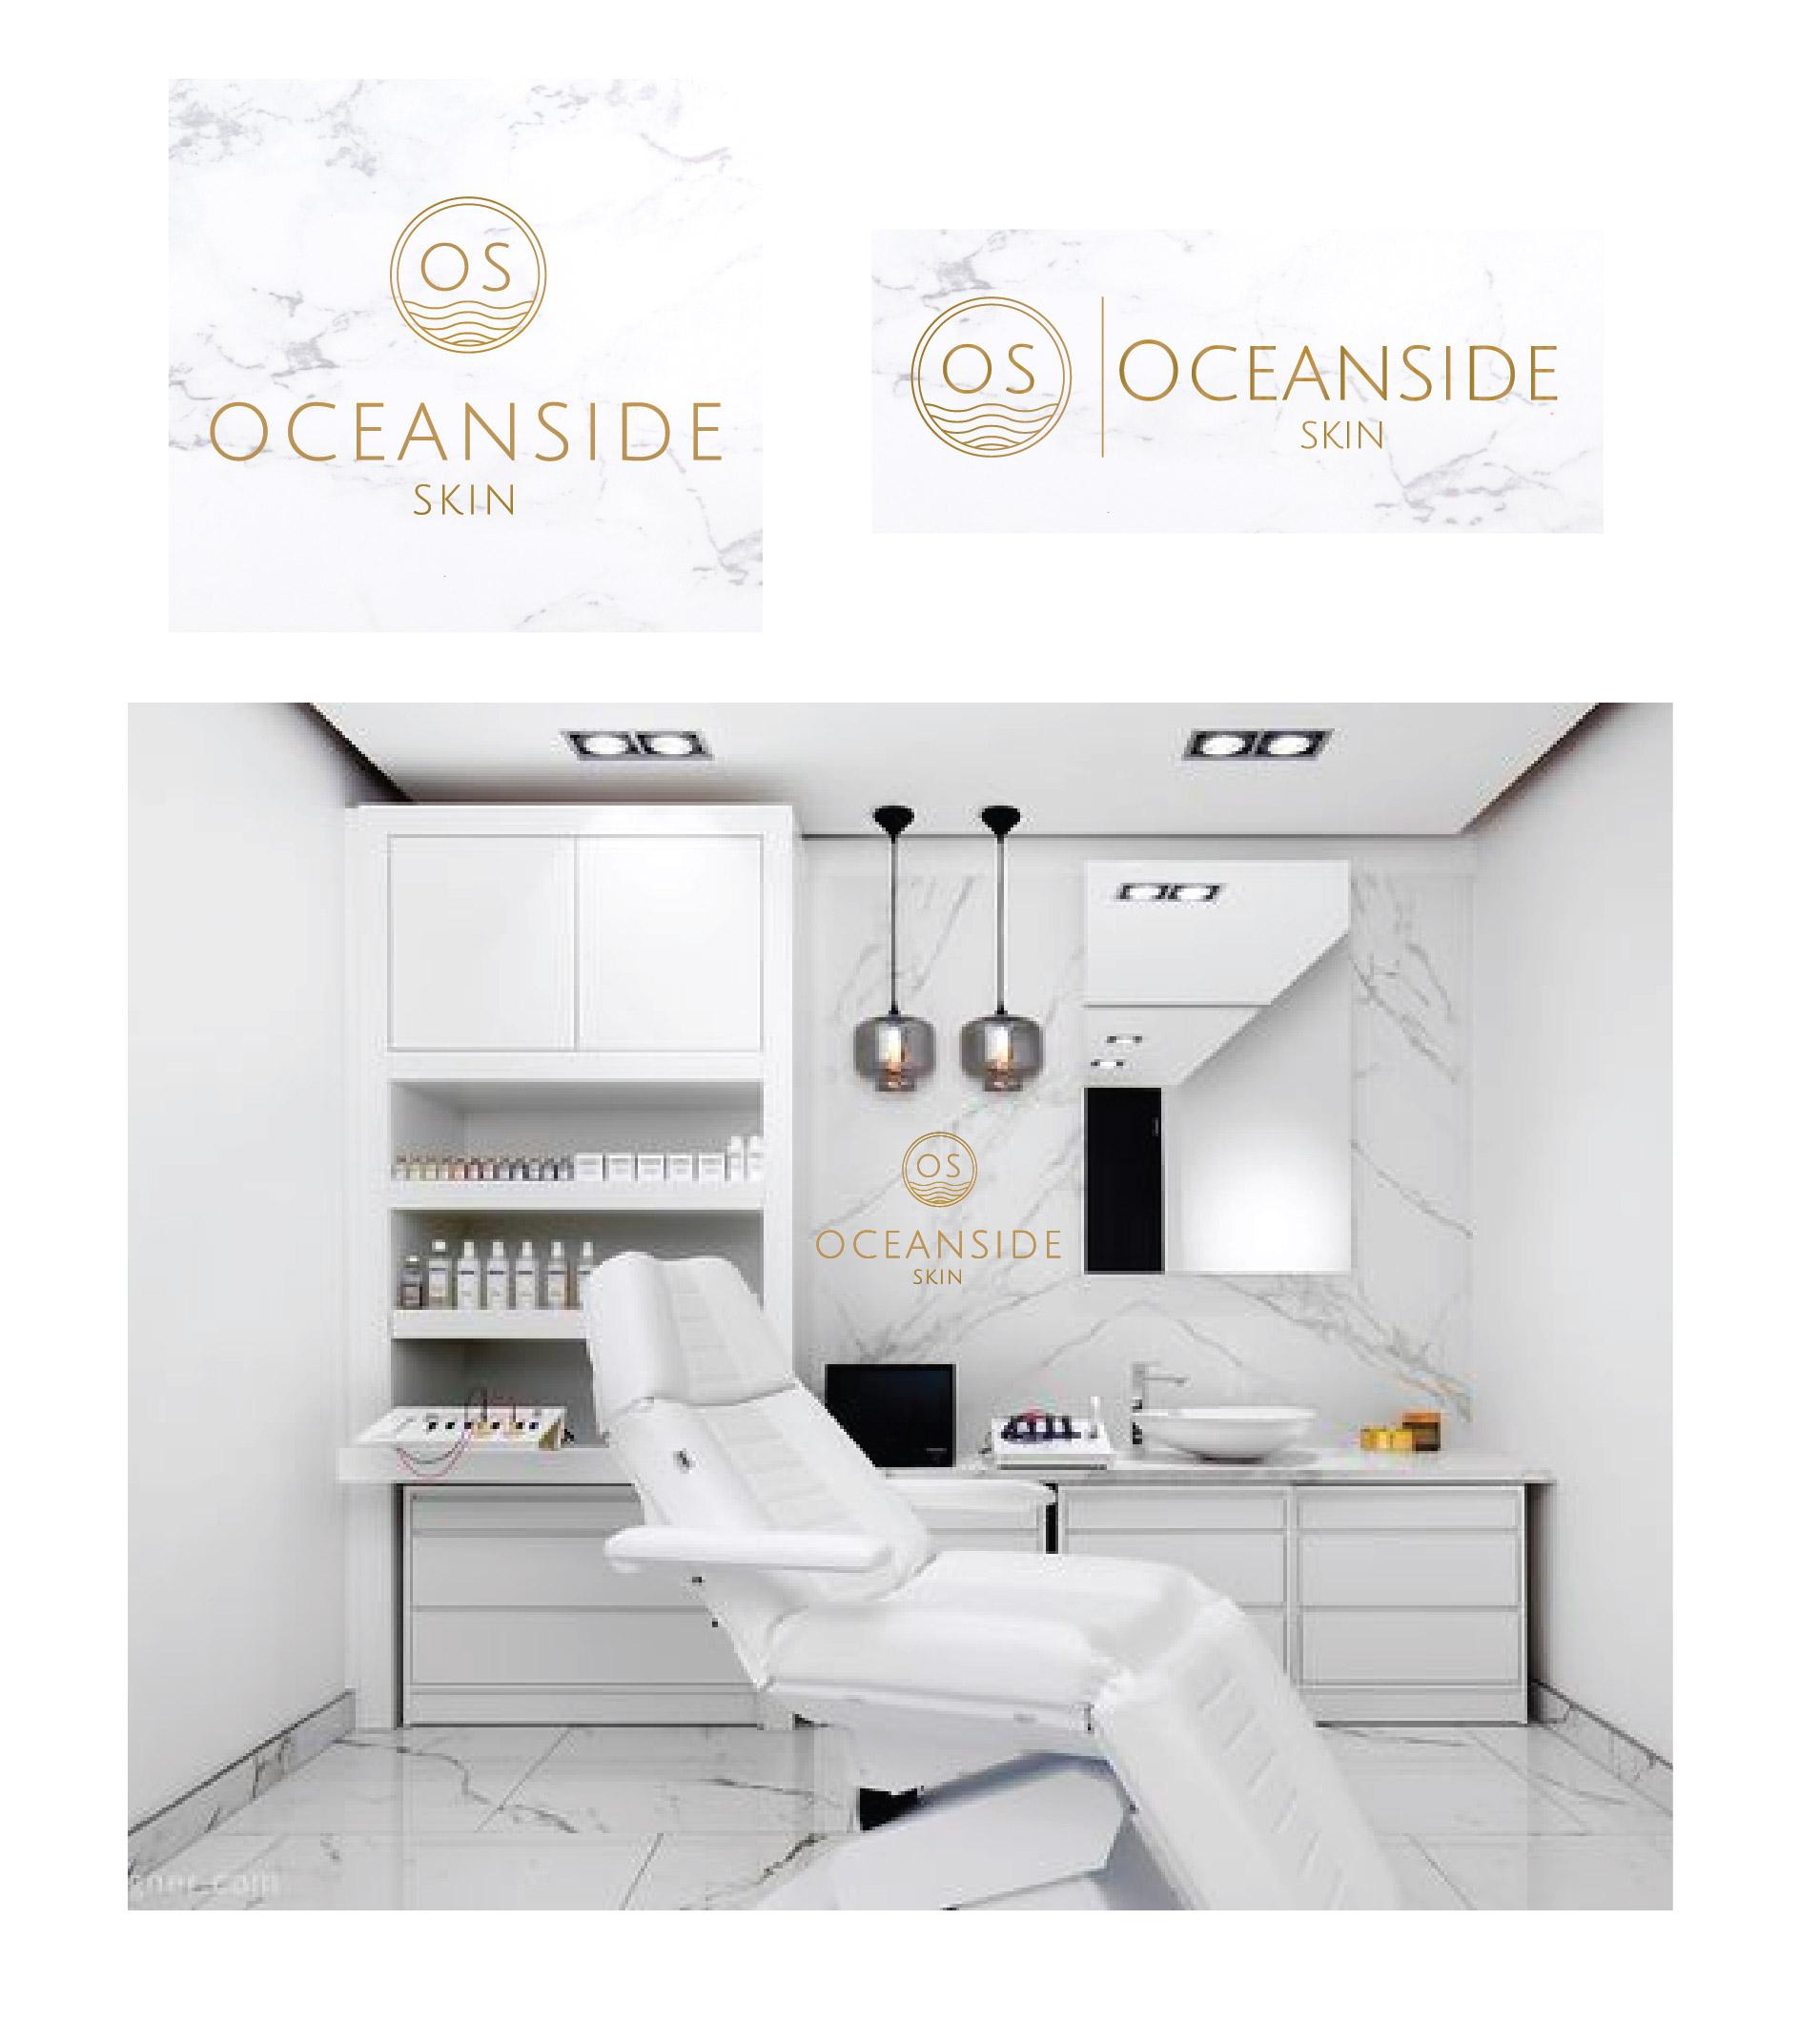 Oceanside_Skin_Logo-02